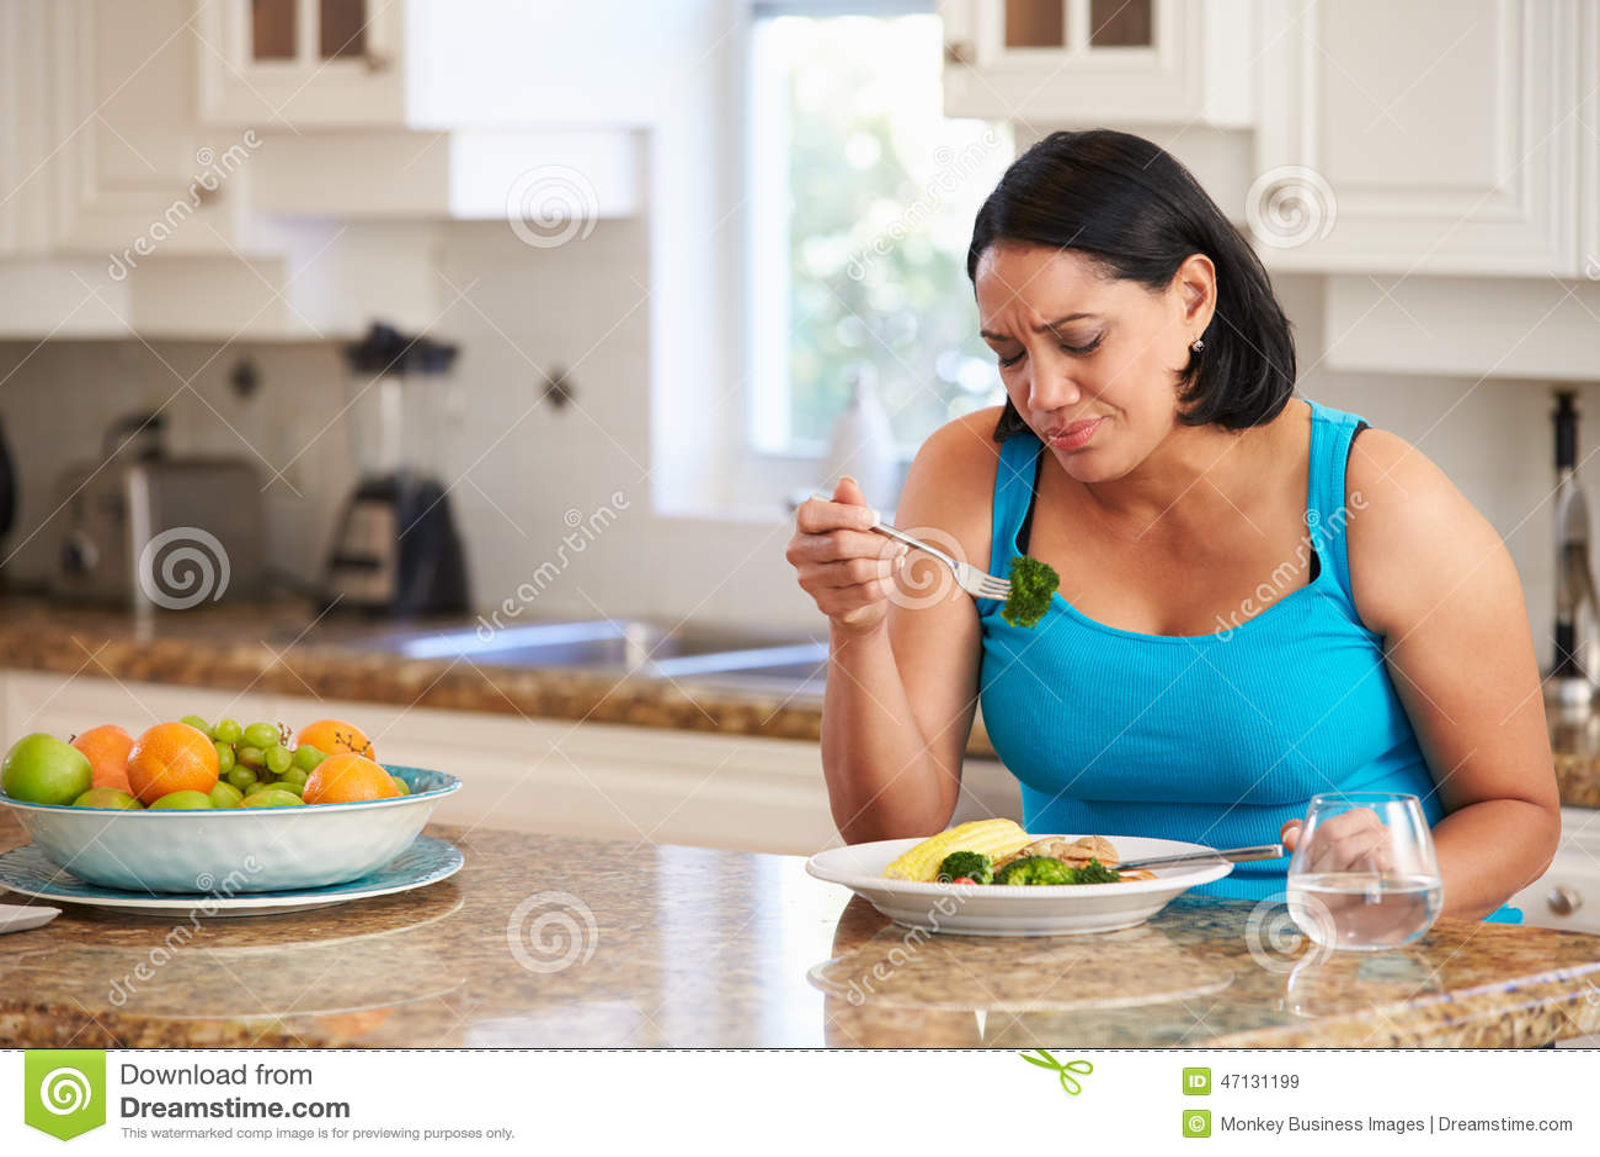 De Gezonde Maaltijd van Fed Up Overweight Woman Eating in Keuken